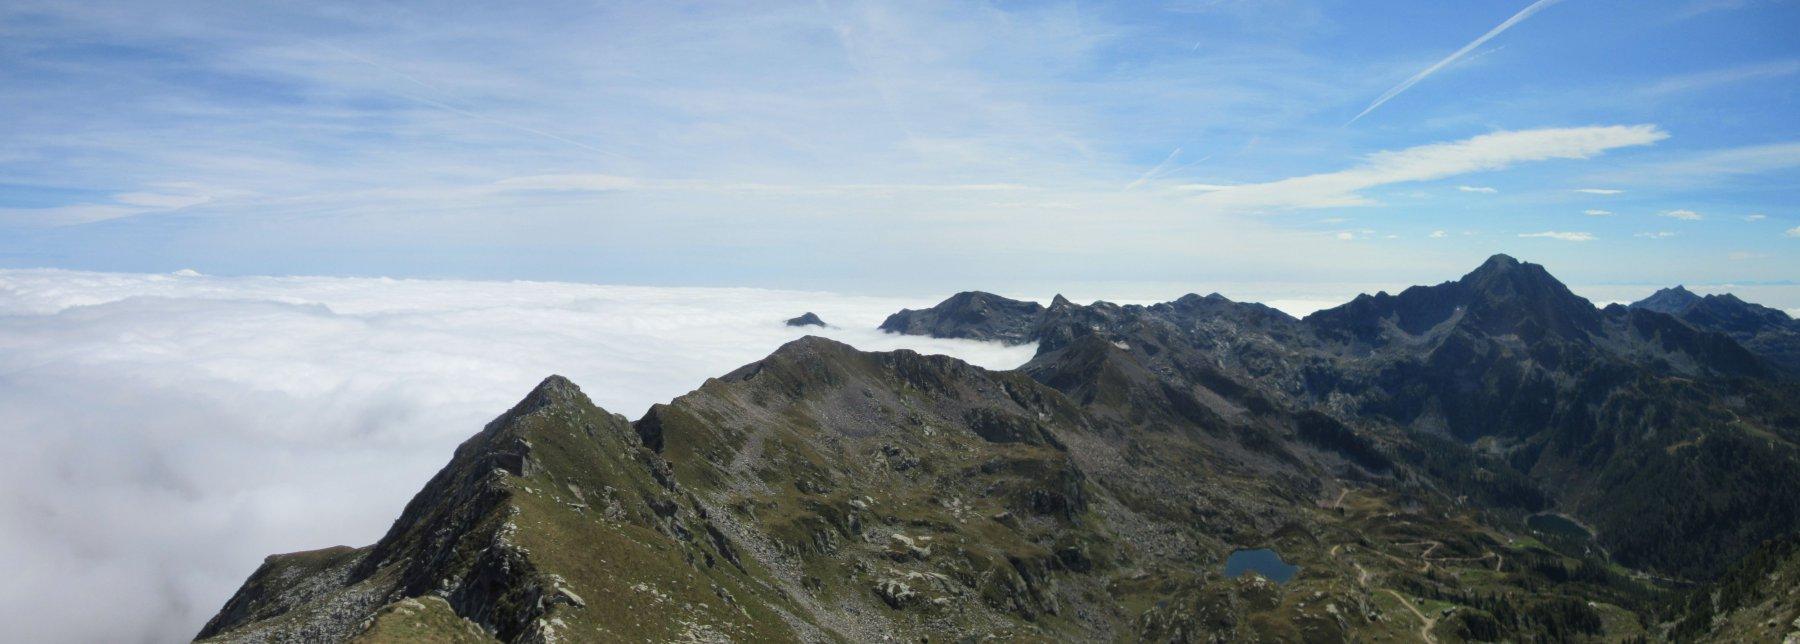 Nebbia verso il Biellese